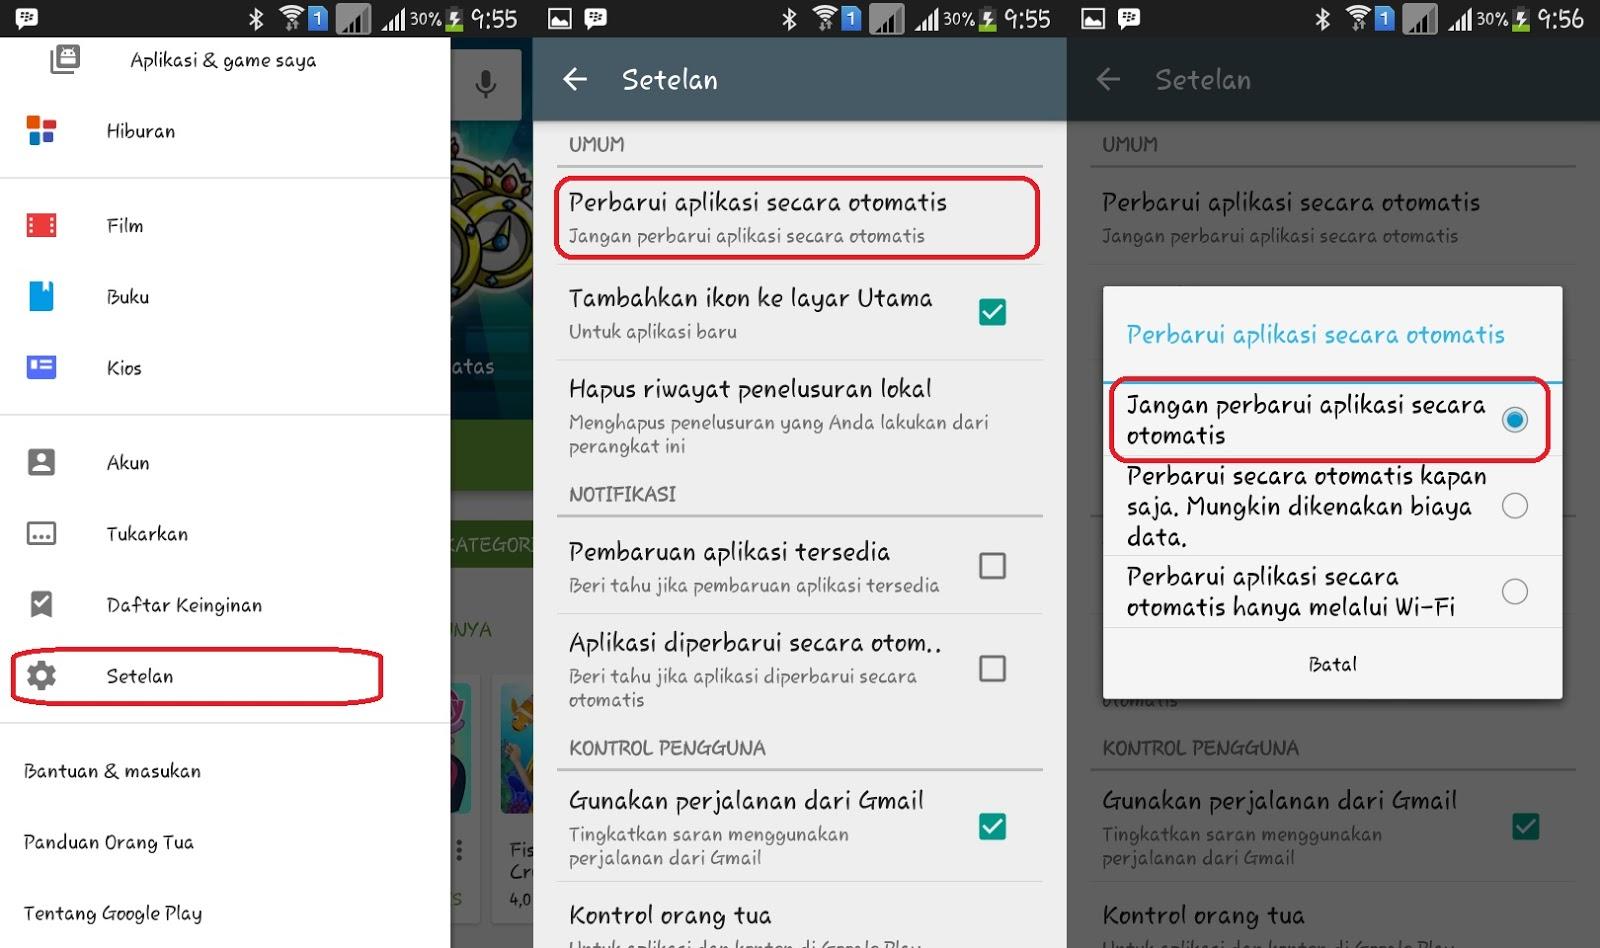 Cara Stop Update Aplikasi Otomatis Agar Android Tidak Lemot